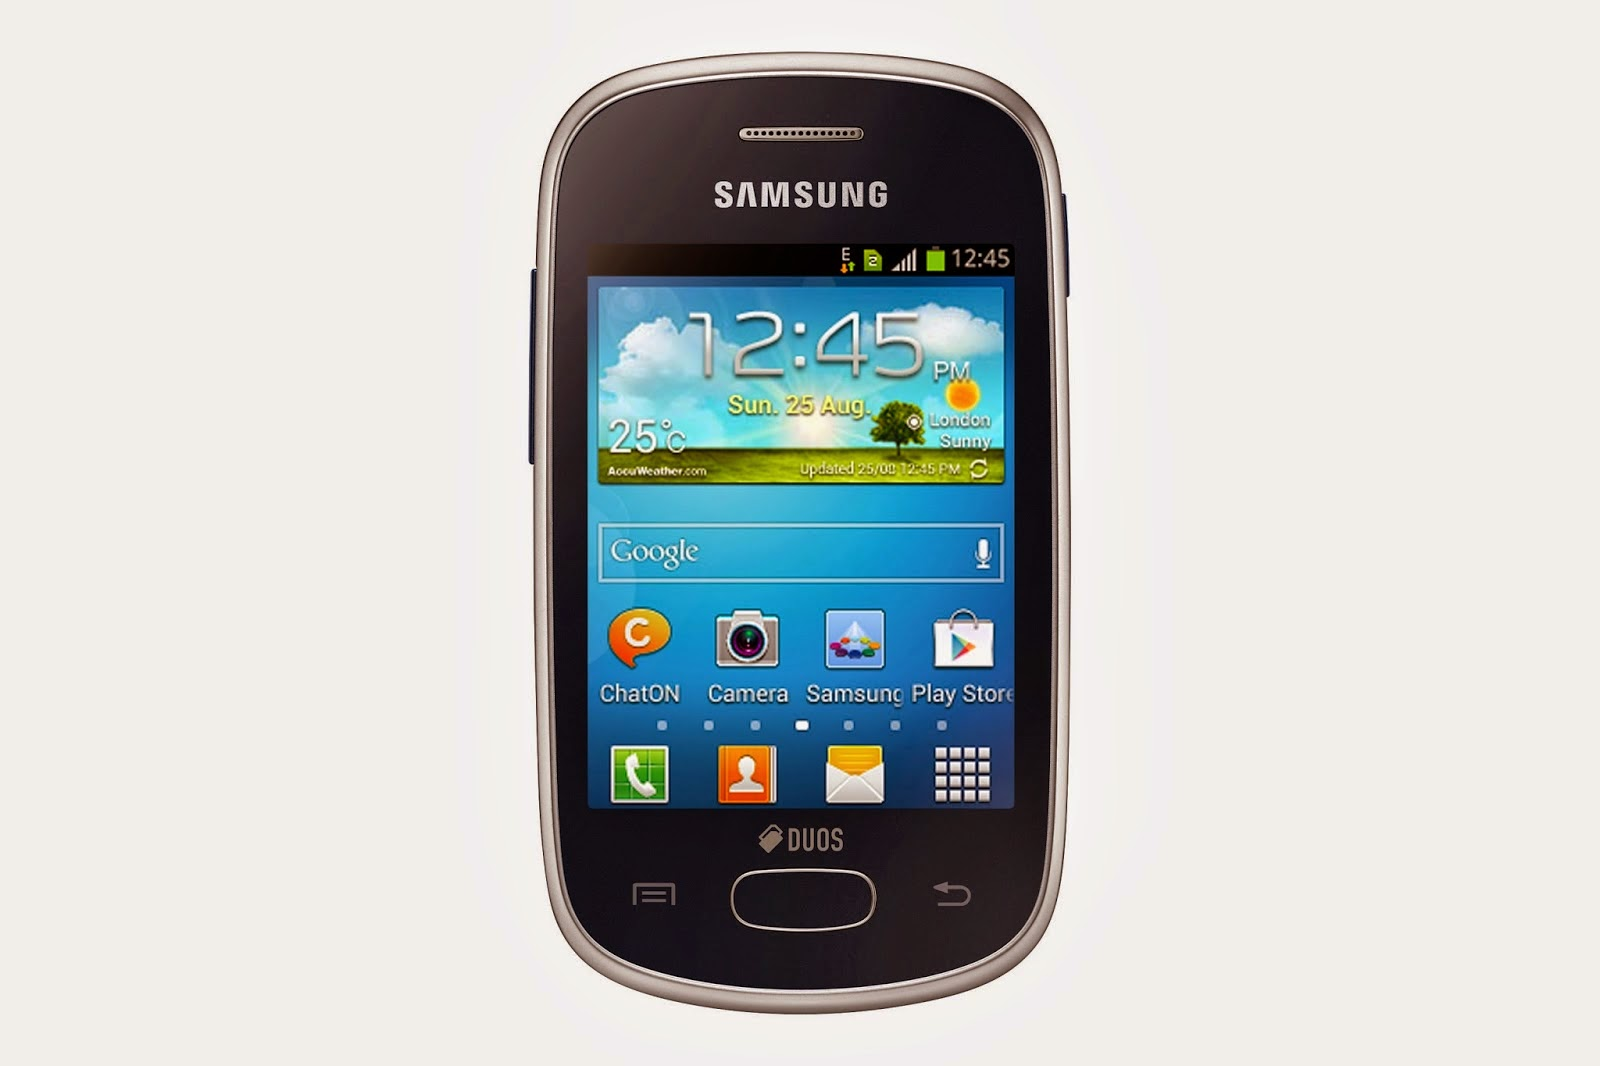 hp samsung murah touchscreen